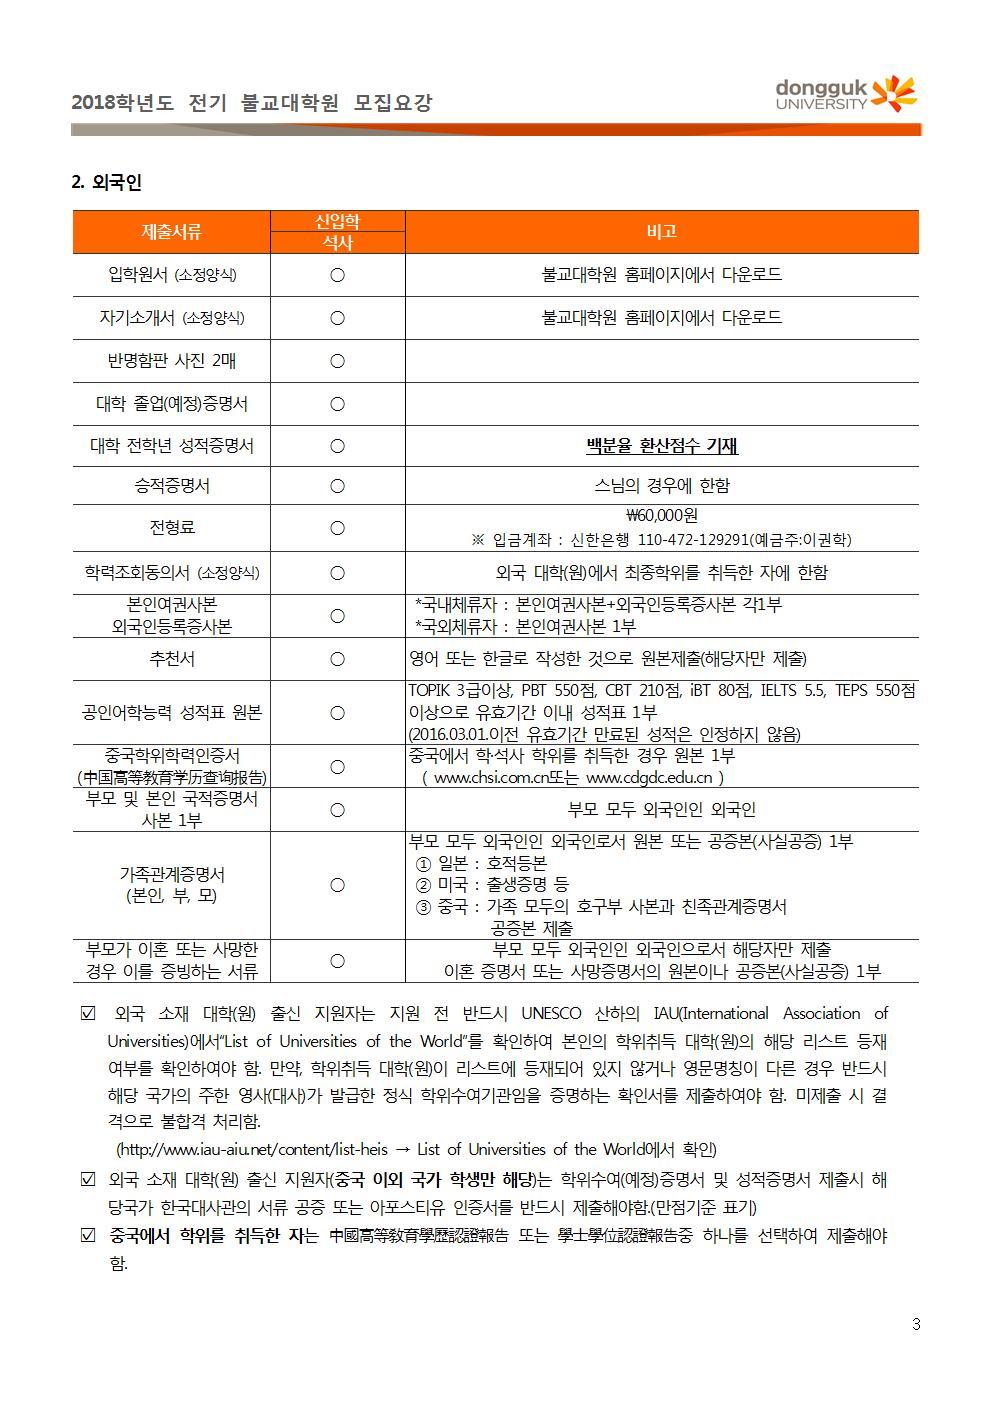 (첨부1) 불교대학원 2018학년도 전기 신입생 모집 요강(2차)003